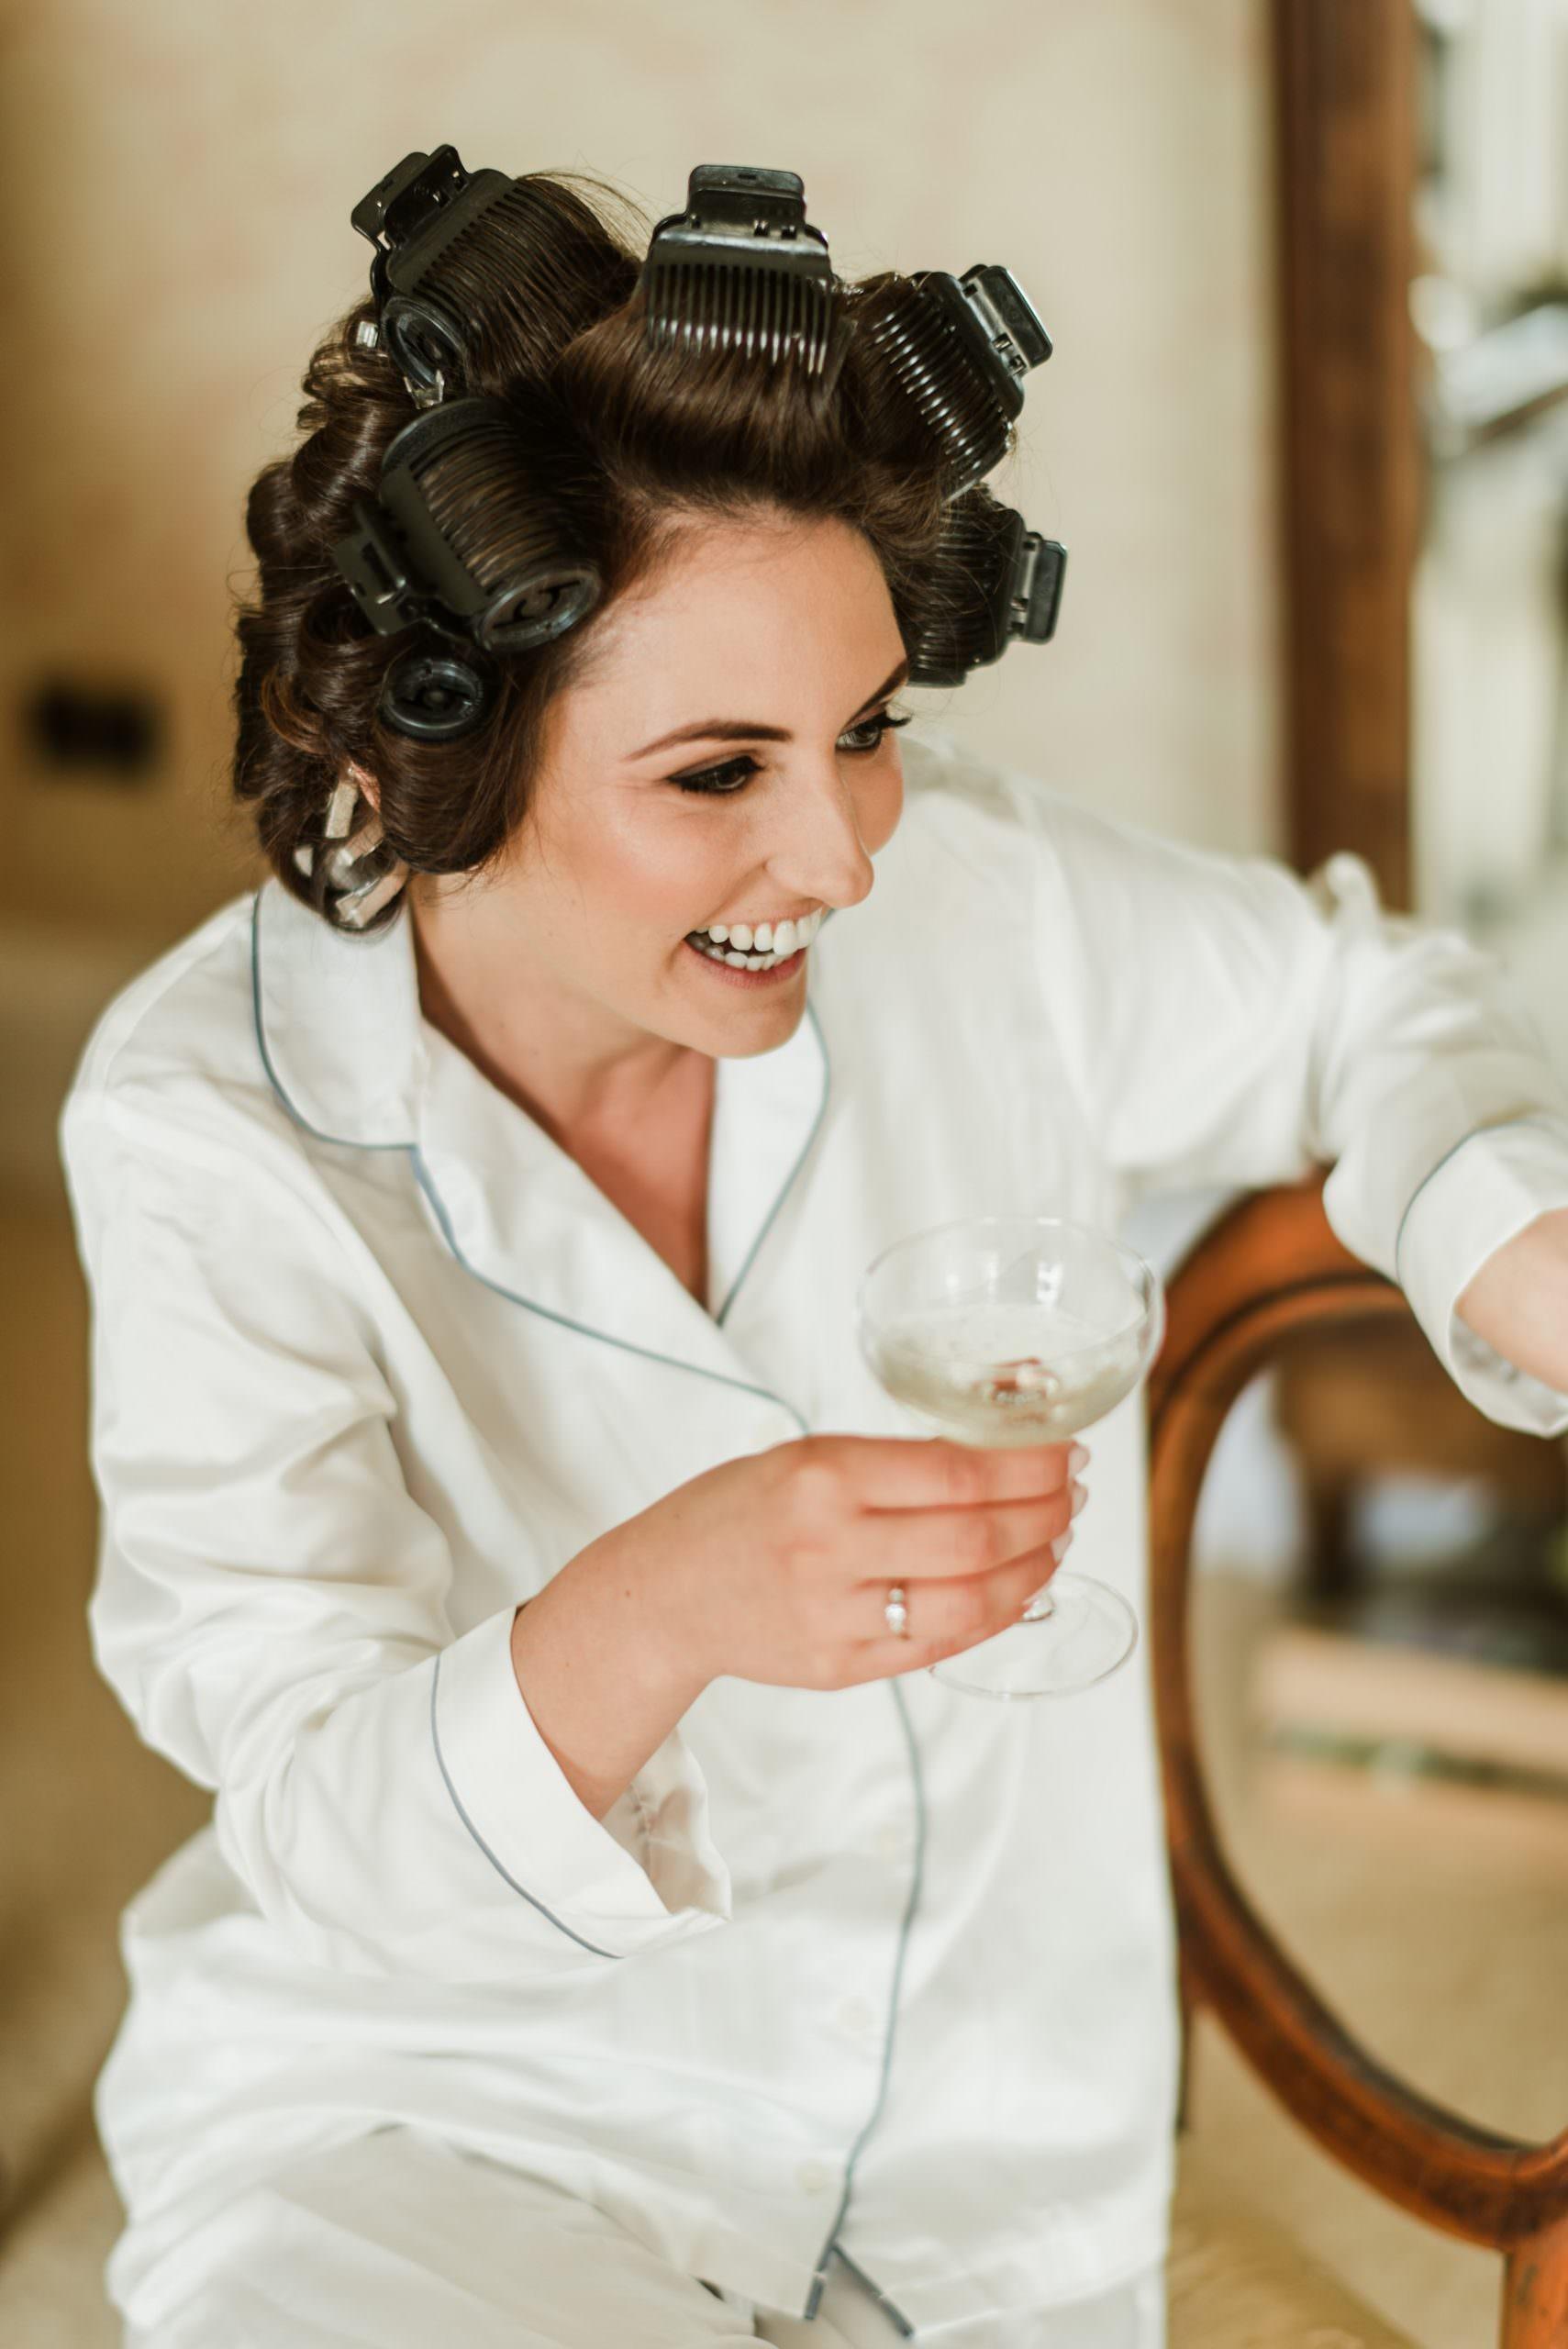 Horetown House Wedding Photographs 0024 scaled